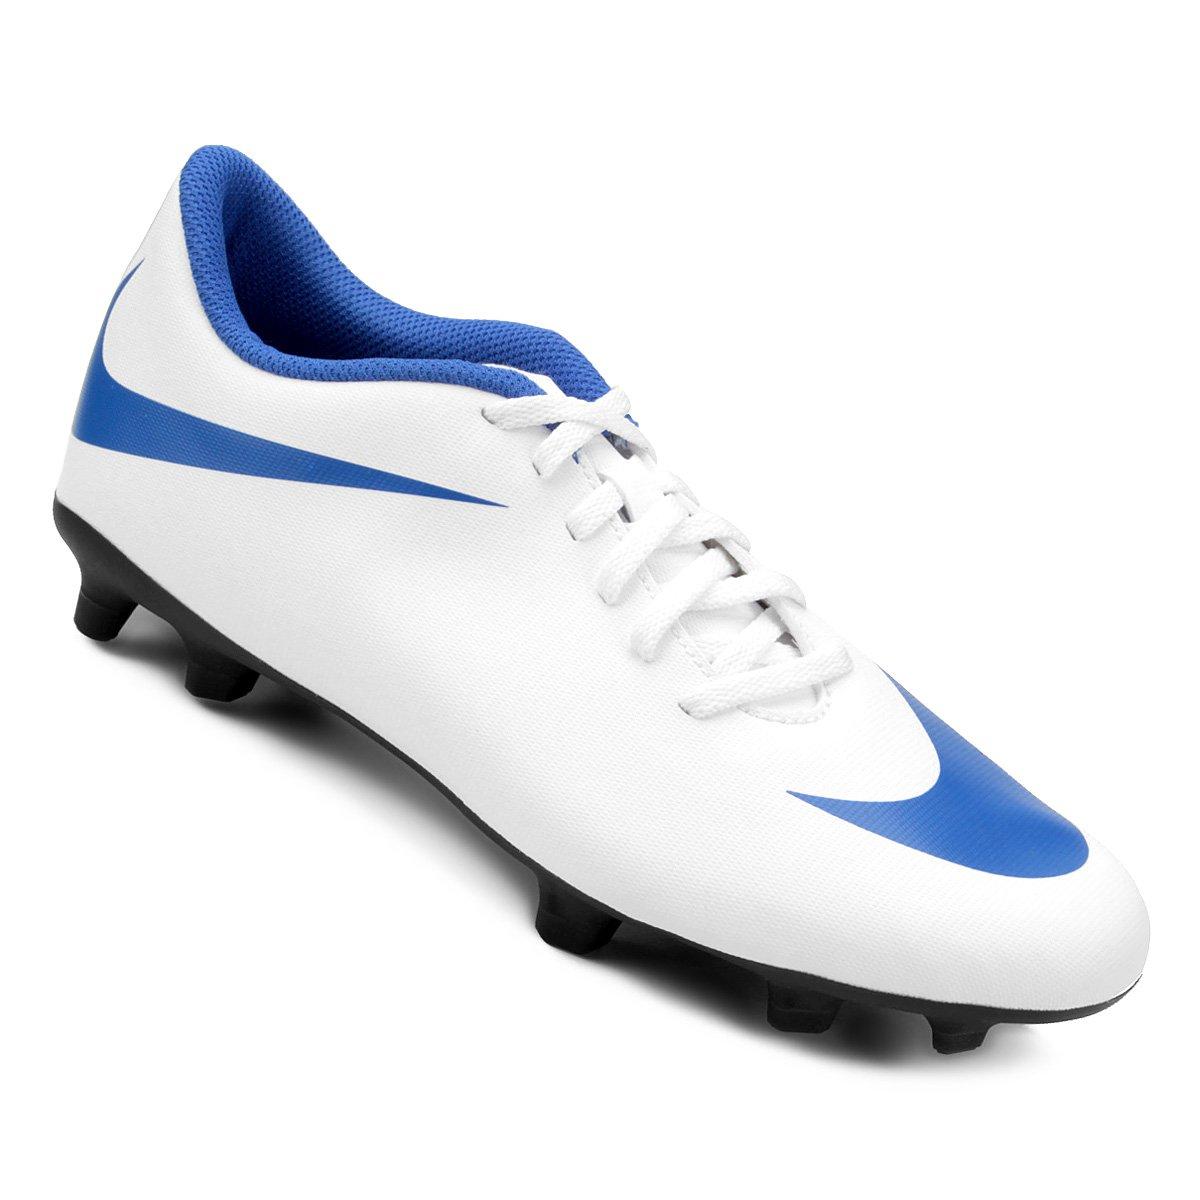 1209f4925e427 Chuteira Campo Nike Bravata 2 FG - Branco e Azul | Shop Timão